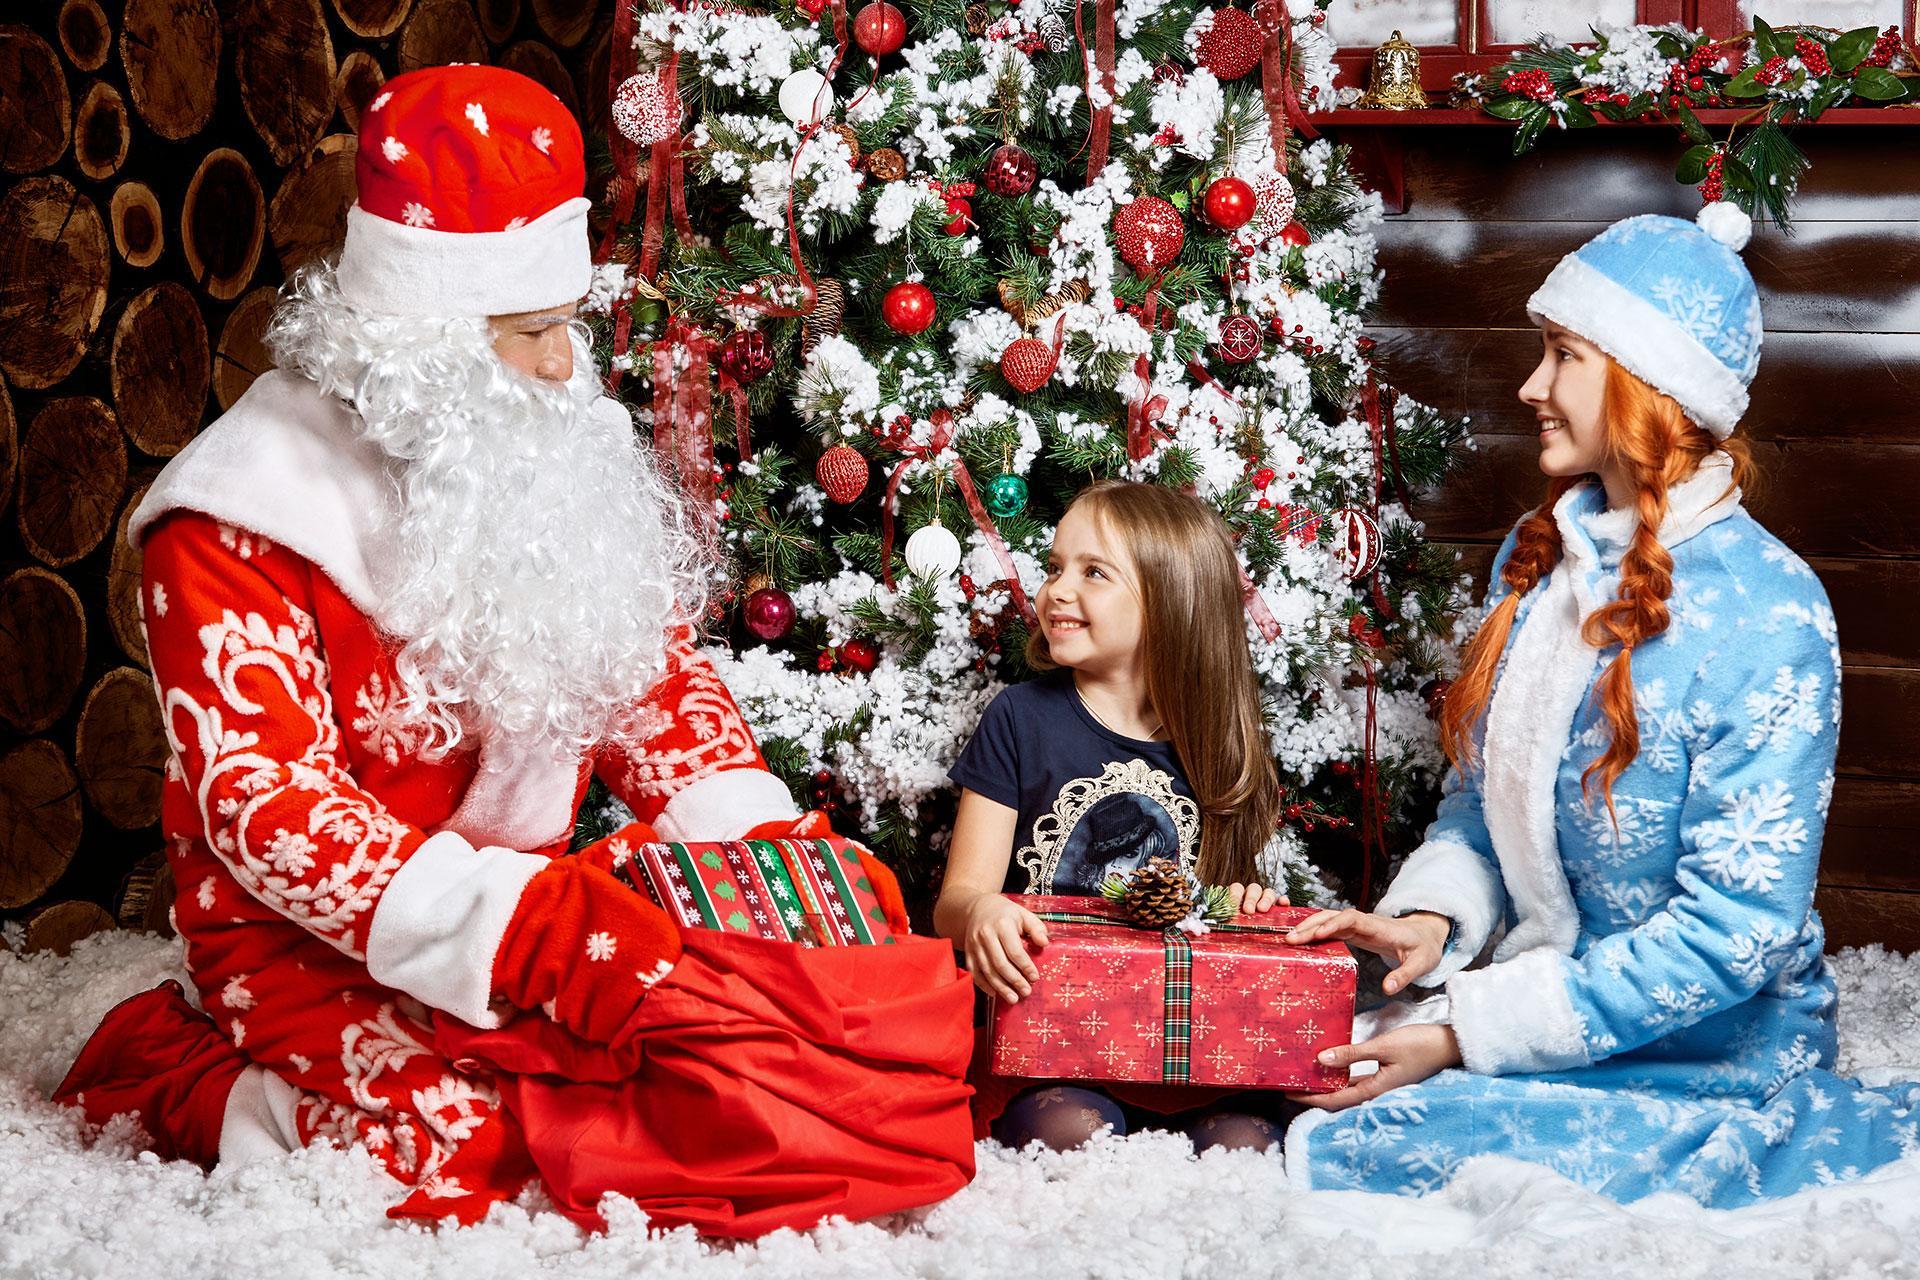 Каждый третий россиянин хотя бы раз примерял костюм деда мороза. Только детям этого не говорите ;-)